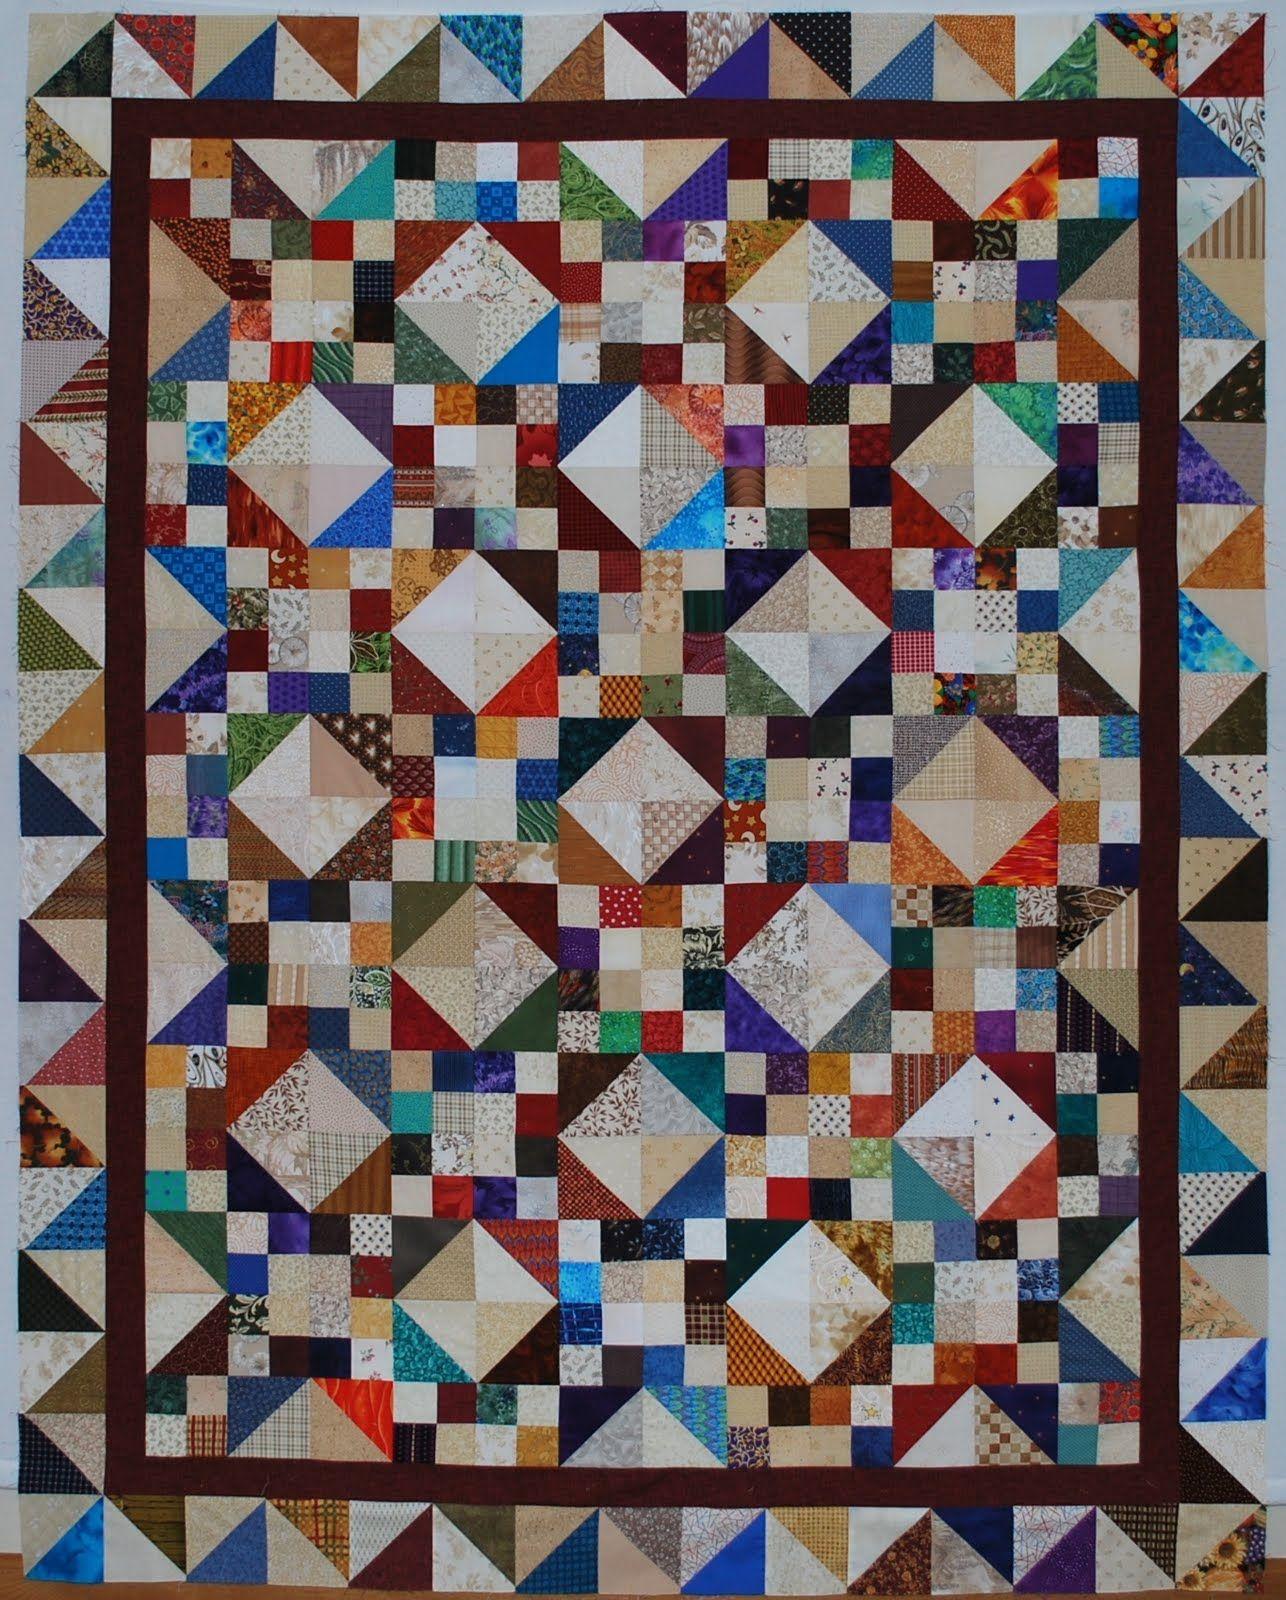 Double Nickel Quilts: June 2011